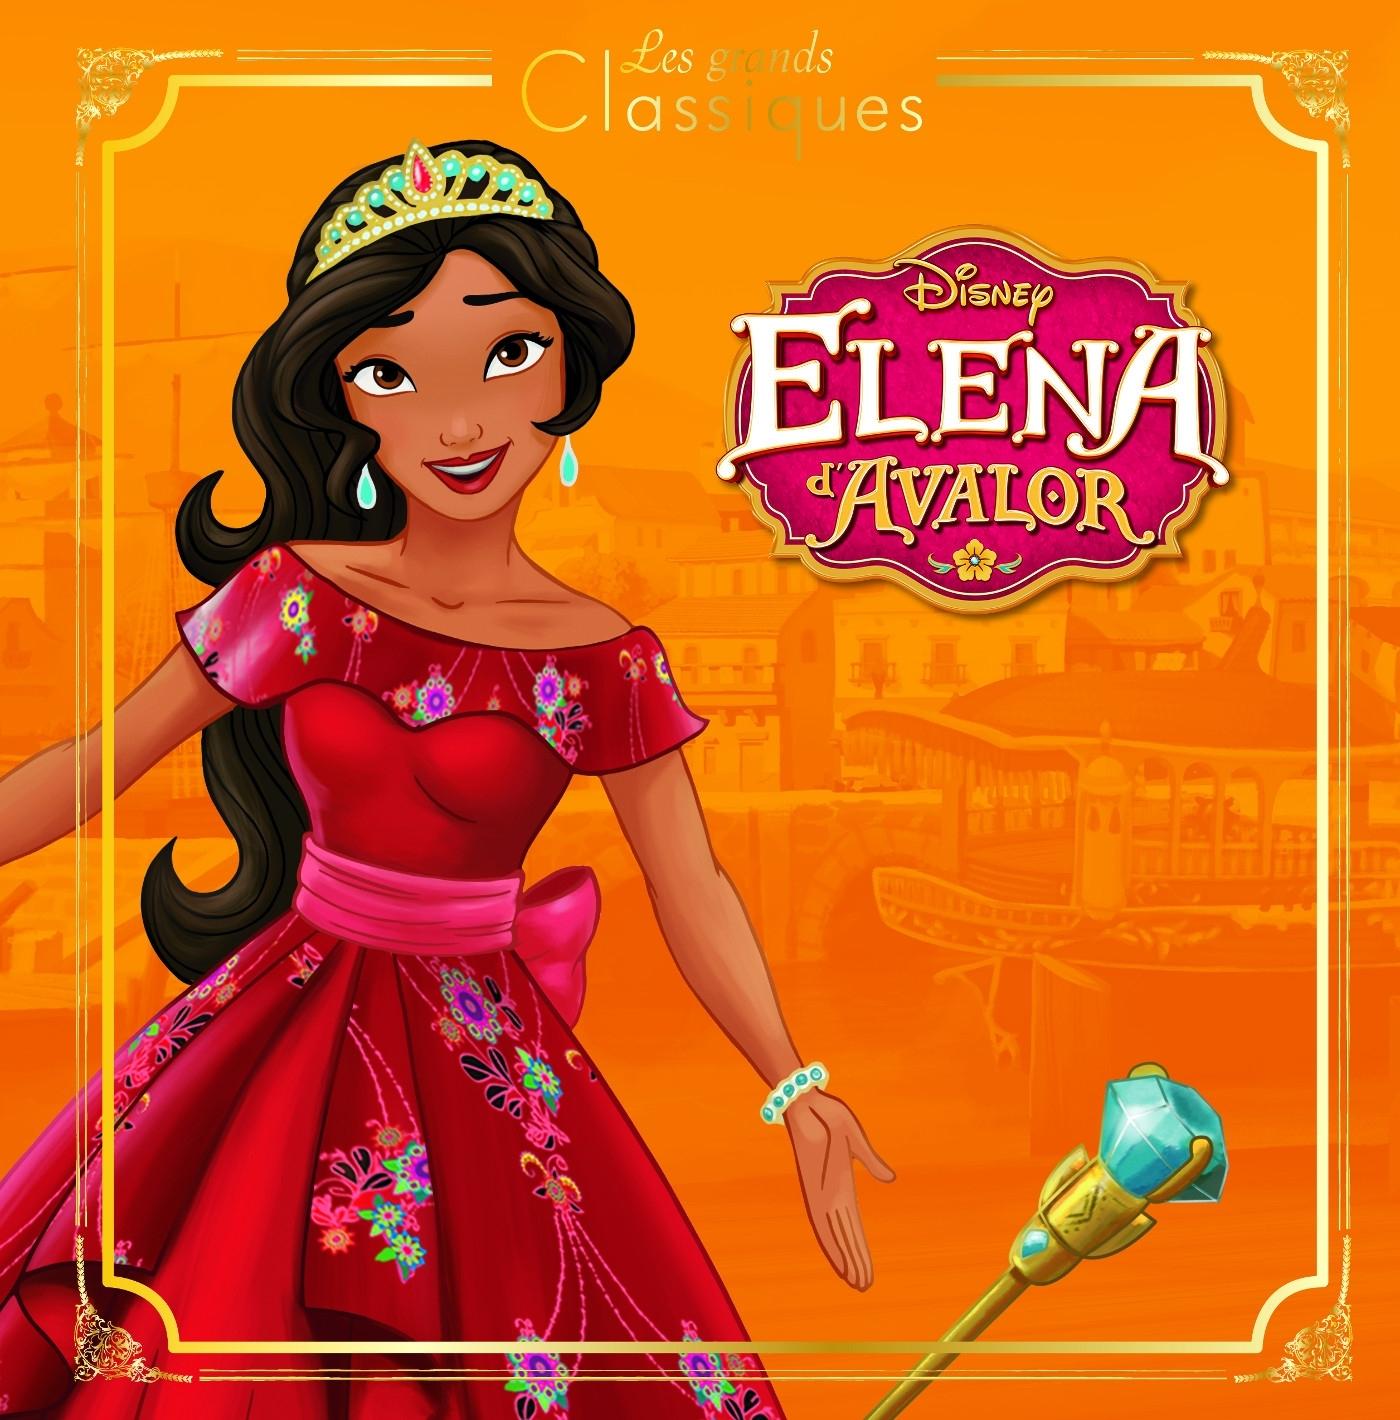 ELENA D'AVALOR, DISNEY CLASSIQUE